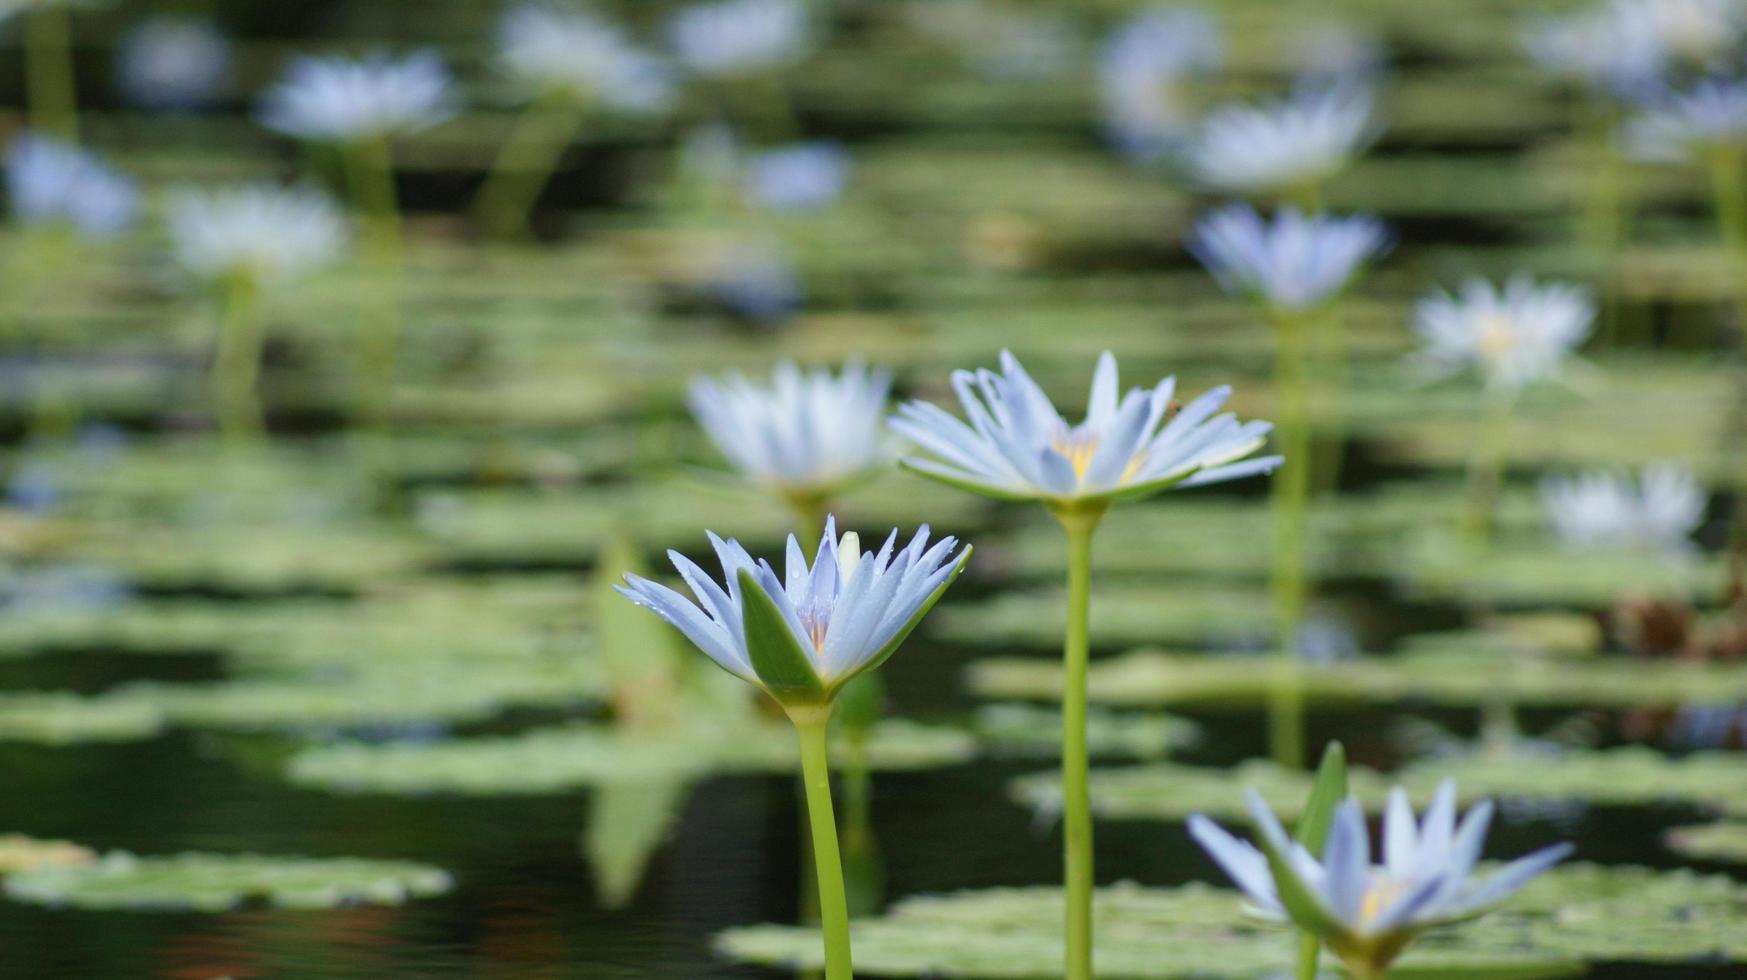 vista de um lago de lírios com flores azuis foto